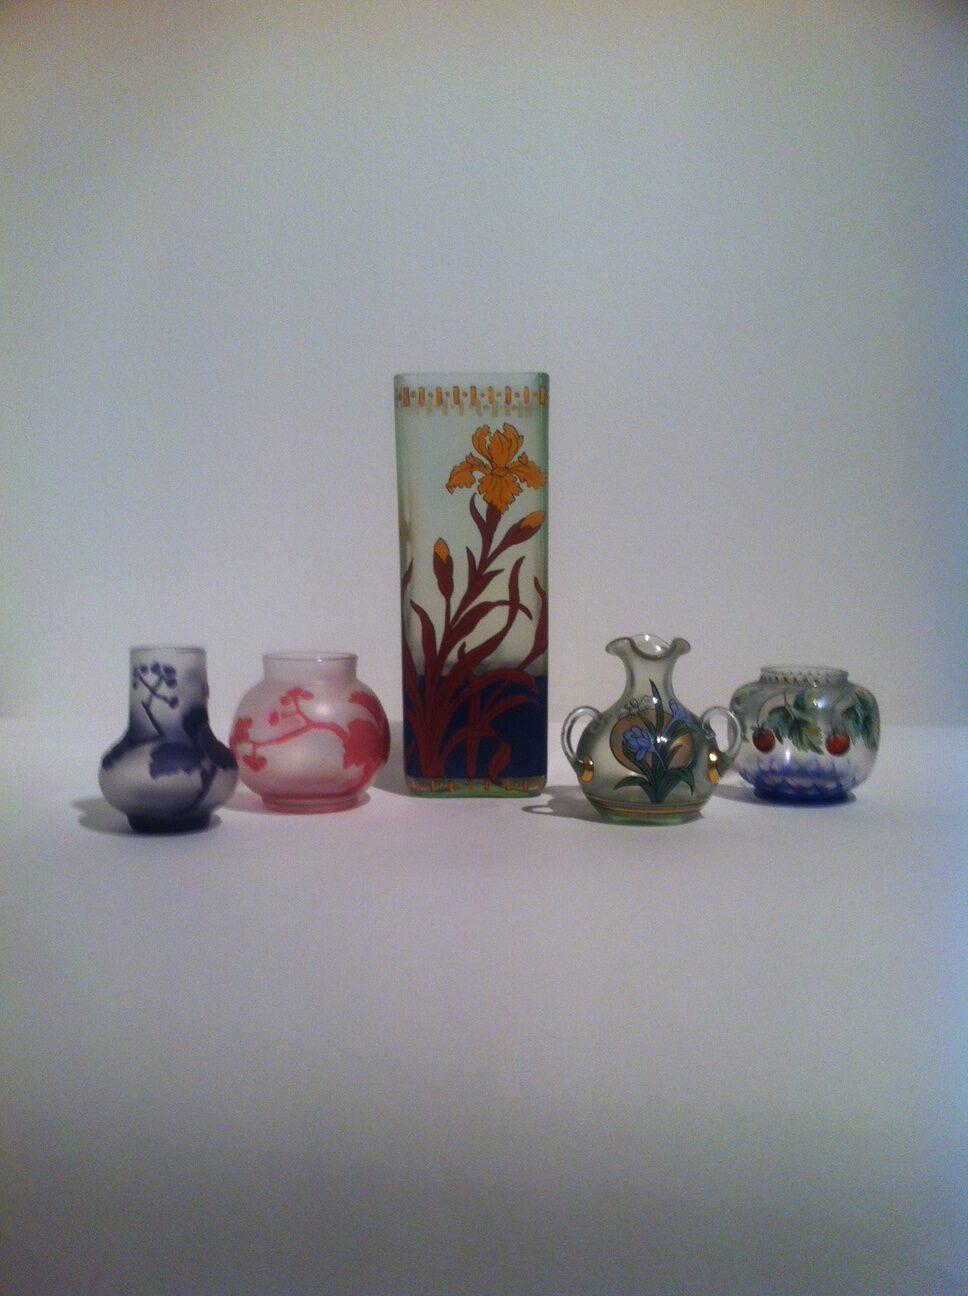 5 Vasen von Fritz Heckert, Petersdorf (Schlesien) um 1900